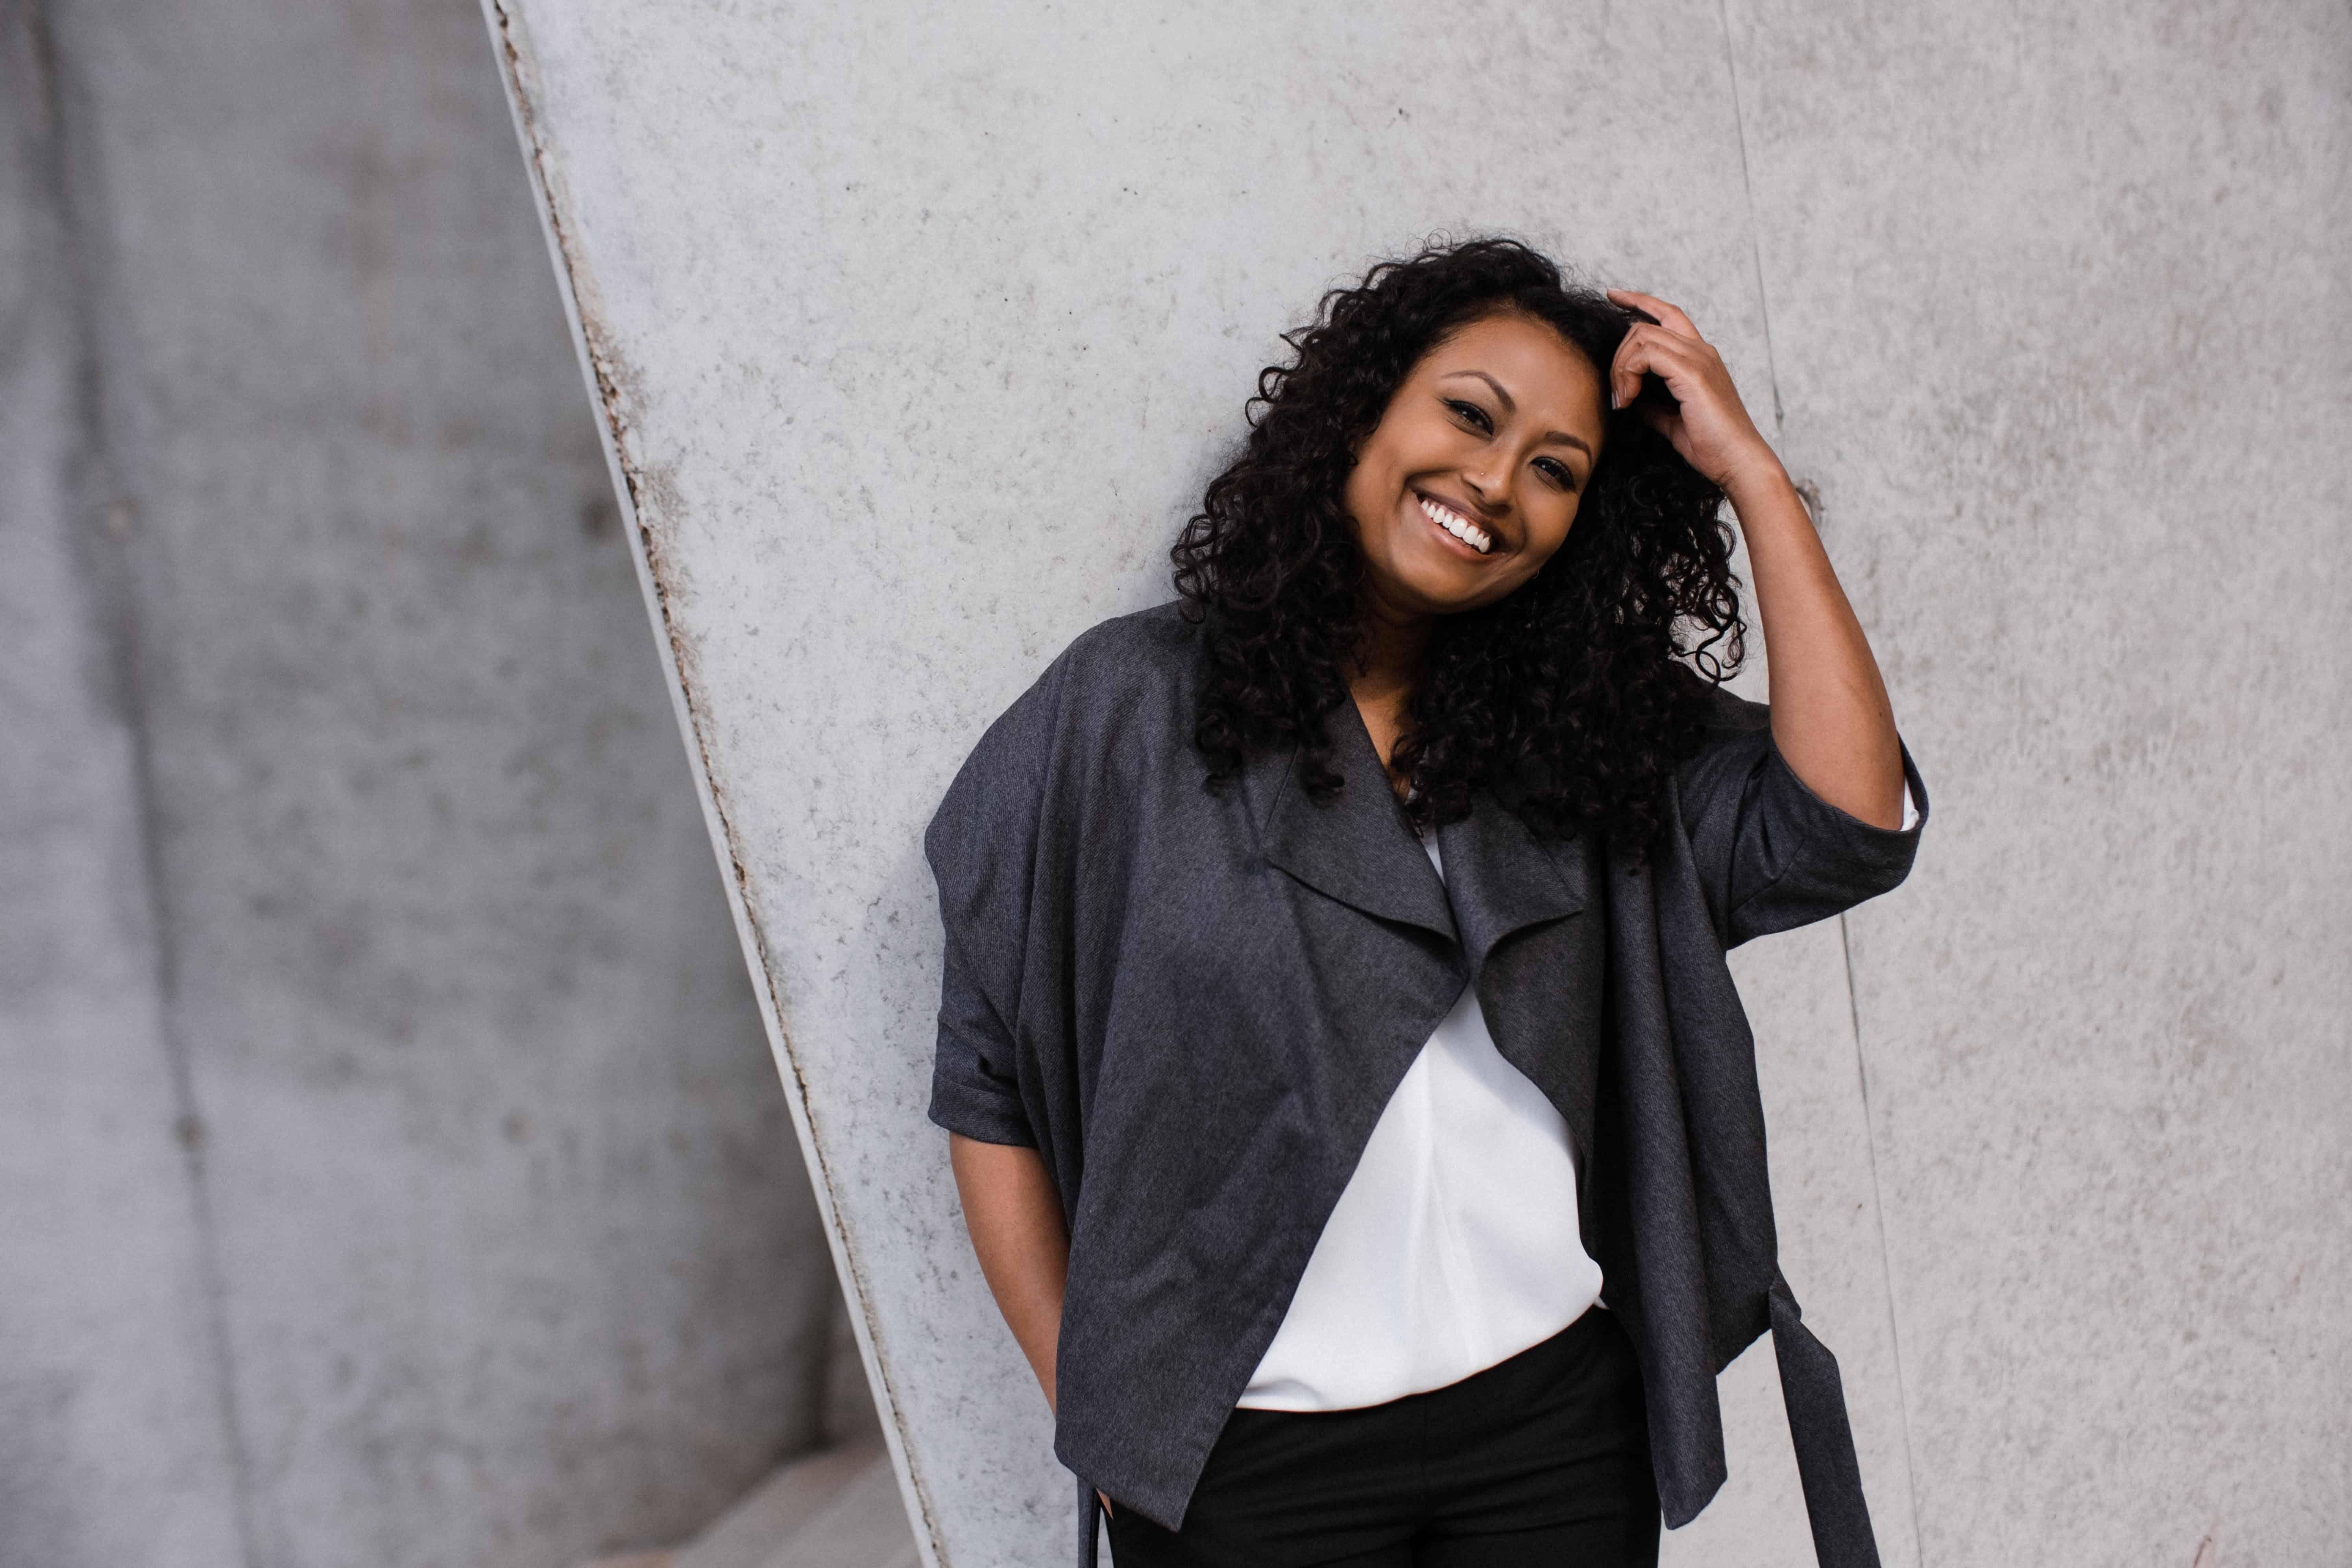 eine Frau lehnt an einer hellen Betonwand, sie hält sich mit einer Hand in ihr lockiges Haar, sie lacht